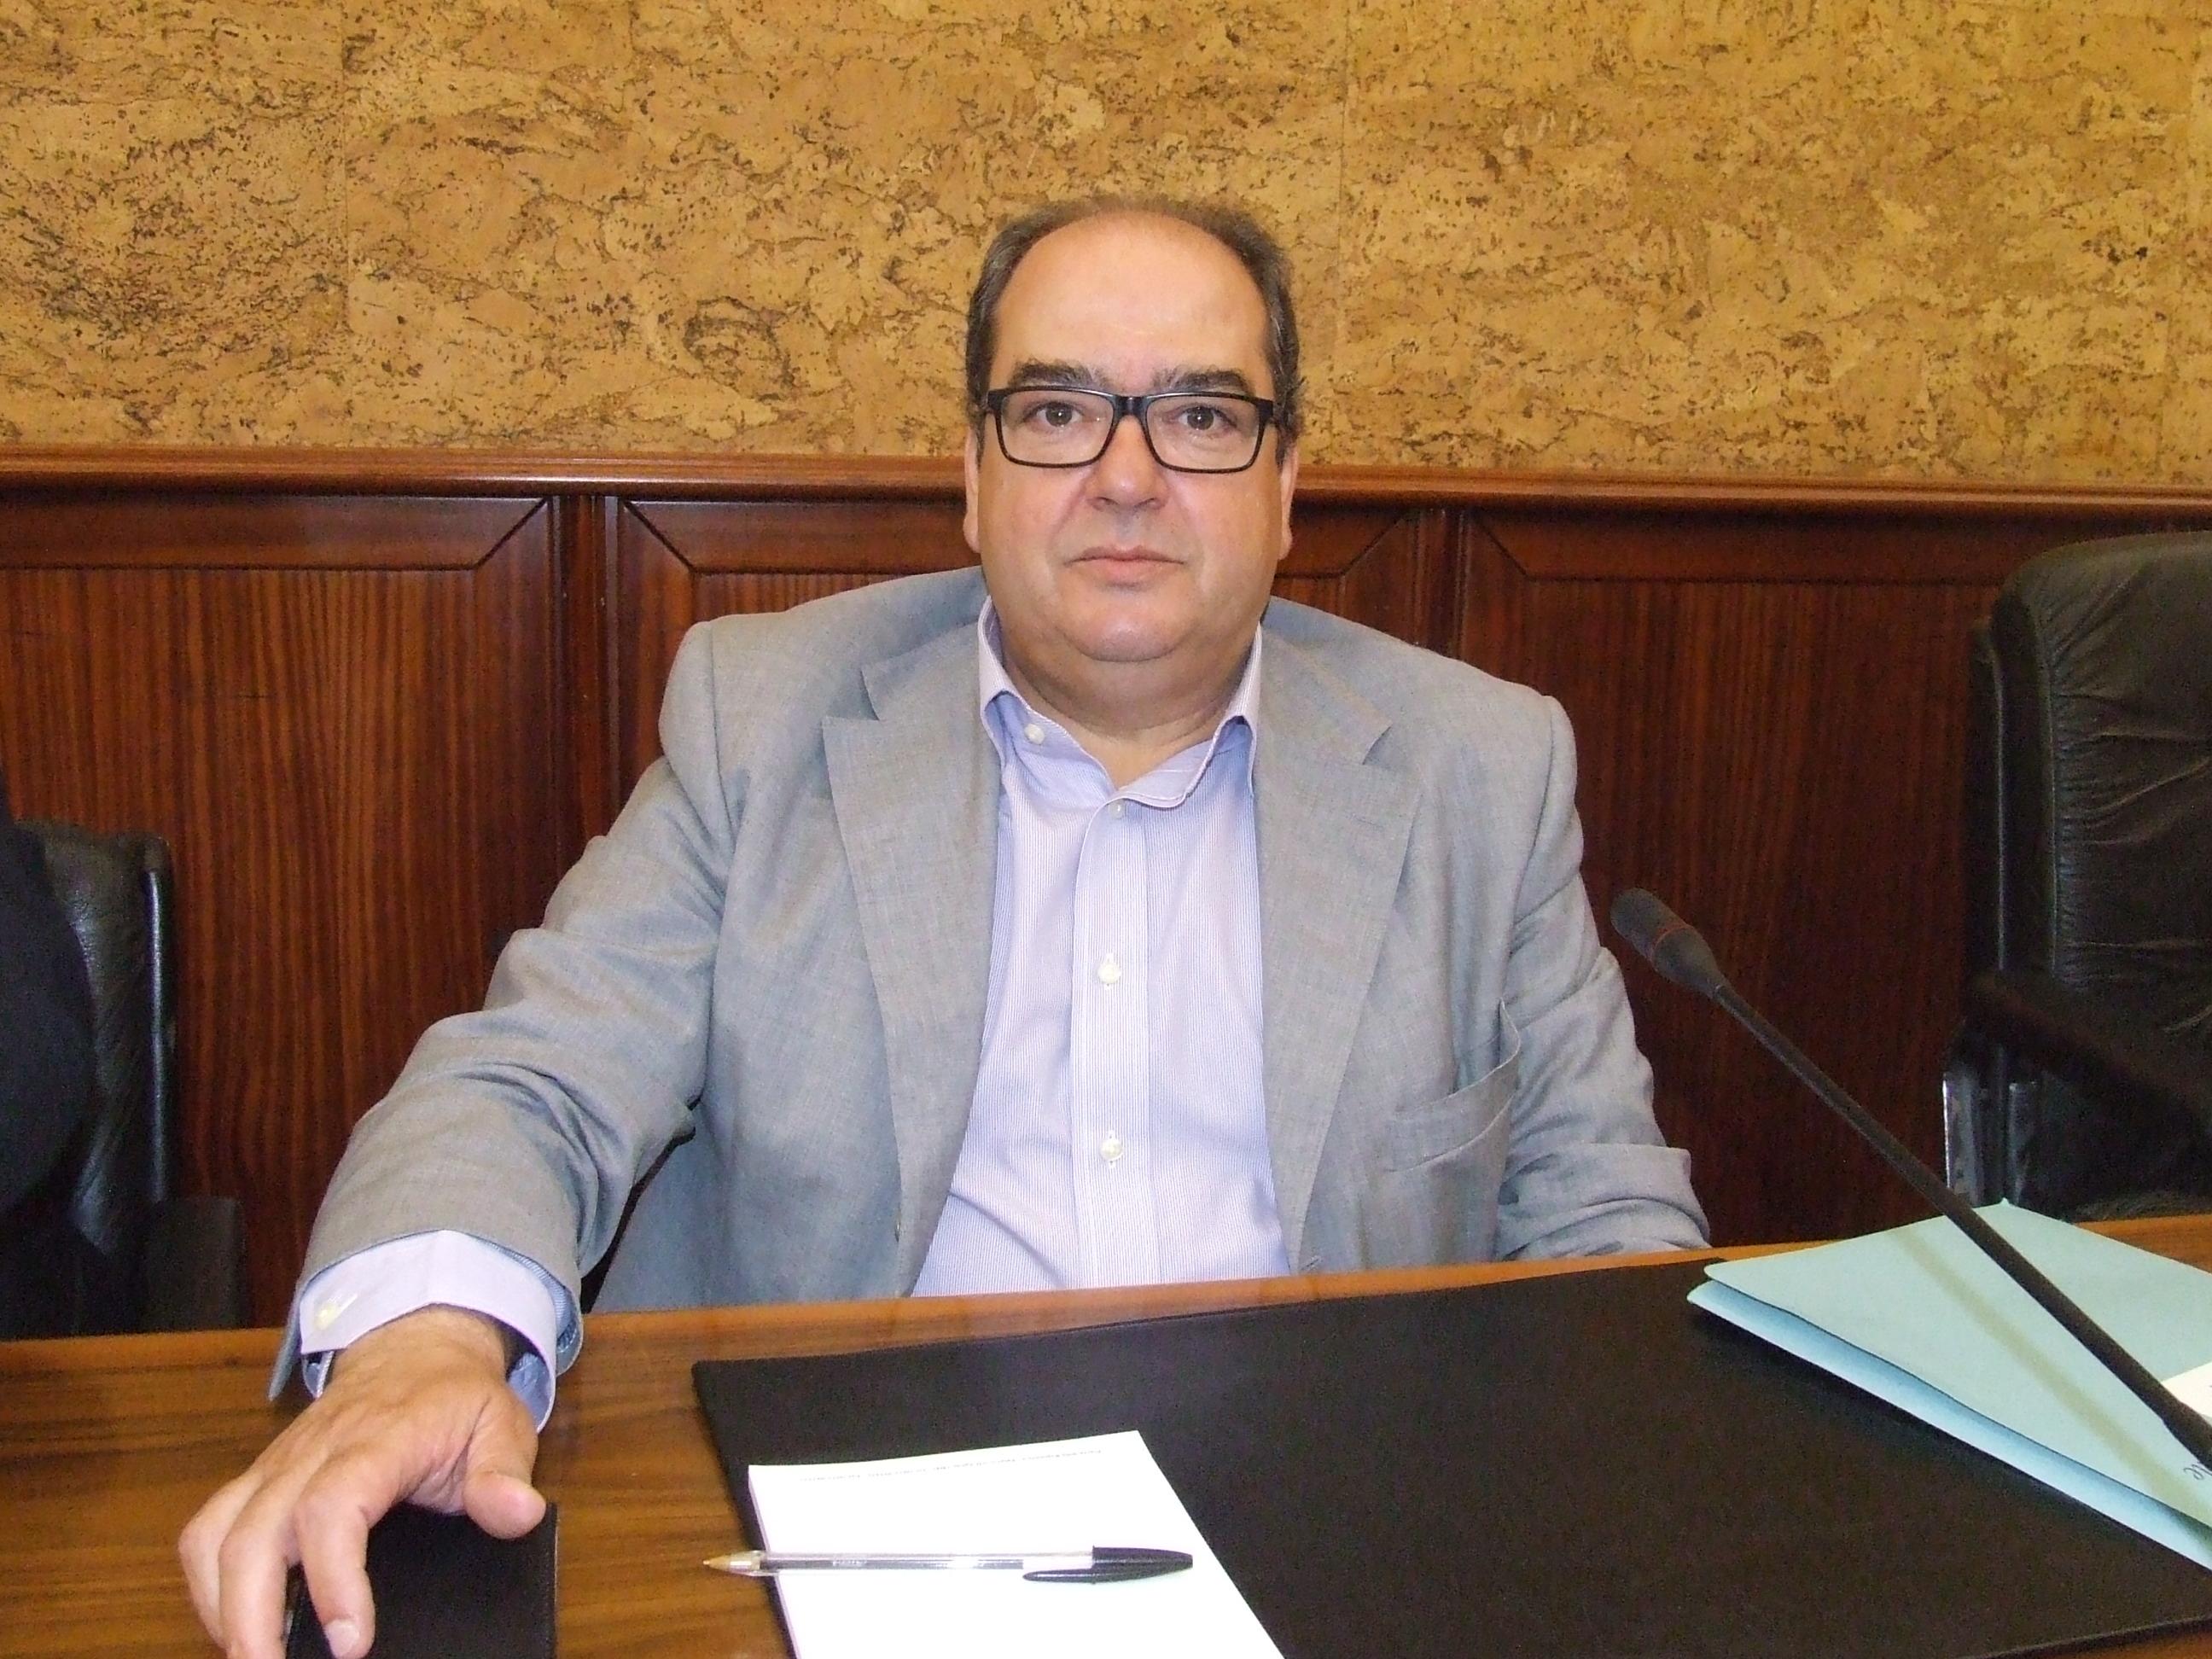 Giovanni Sinacori